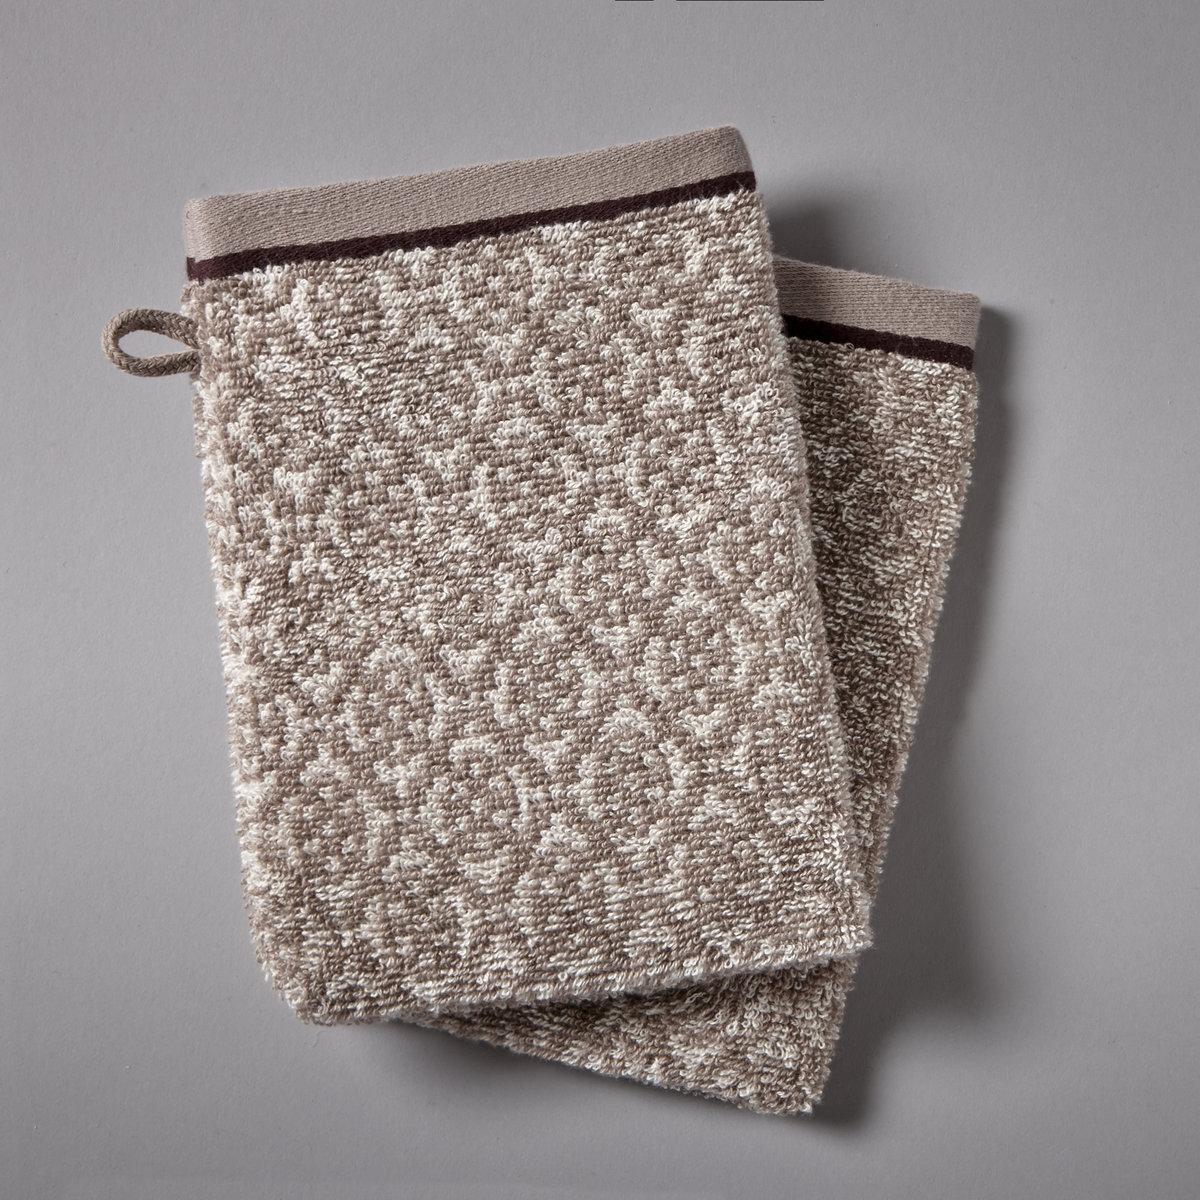 2 банные рукавички АЗЮЛЬЖОБанные рукавички из жаккардовой махровой ткани 500 г/м?, 100% хлопка. Ультрамягкие и нежные, КАЧЕСТВО BEST.Контрастные рисунки в восточном стиле. однотонные края. Стирка при 60°.Размеры банной рукавички: 15 x 21 см.<br><br>Цвет: серо-коричневый<br>Размер: комплект из 2